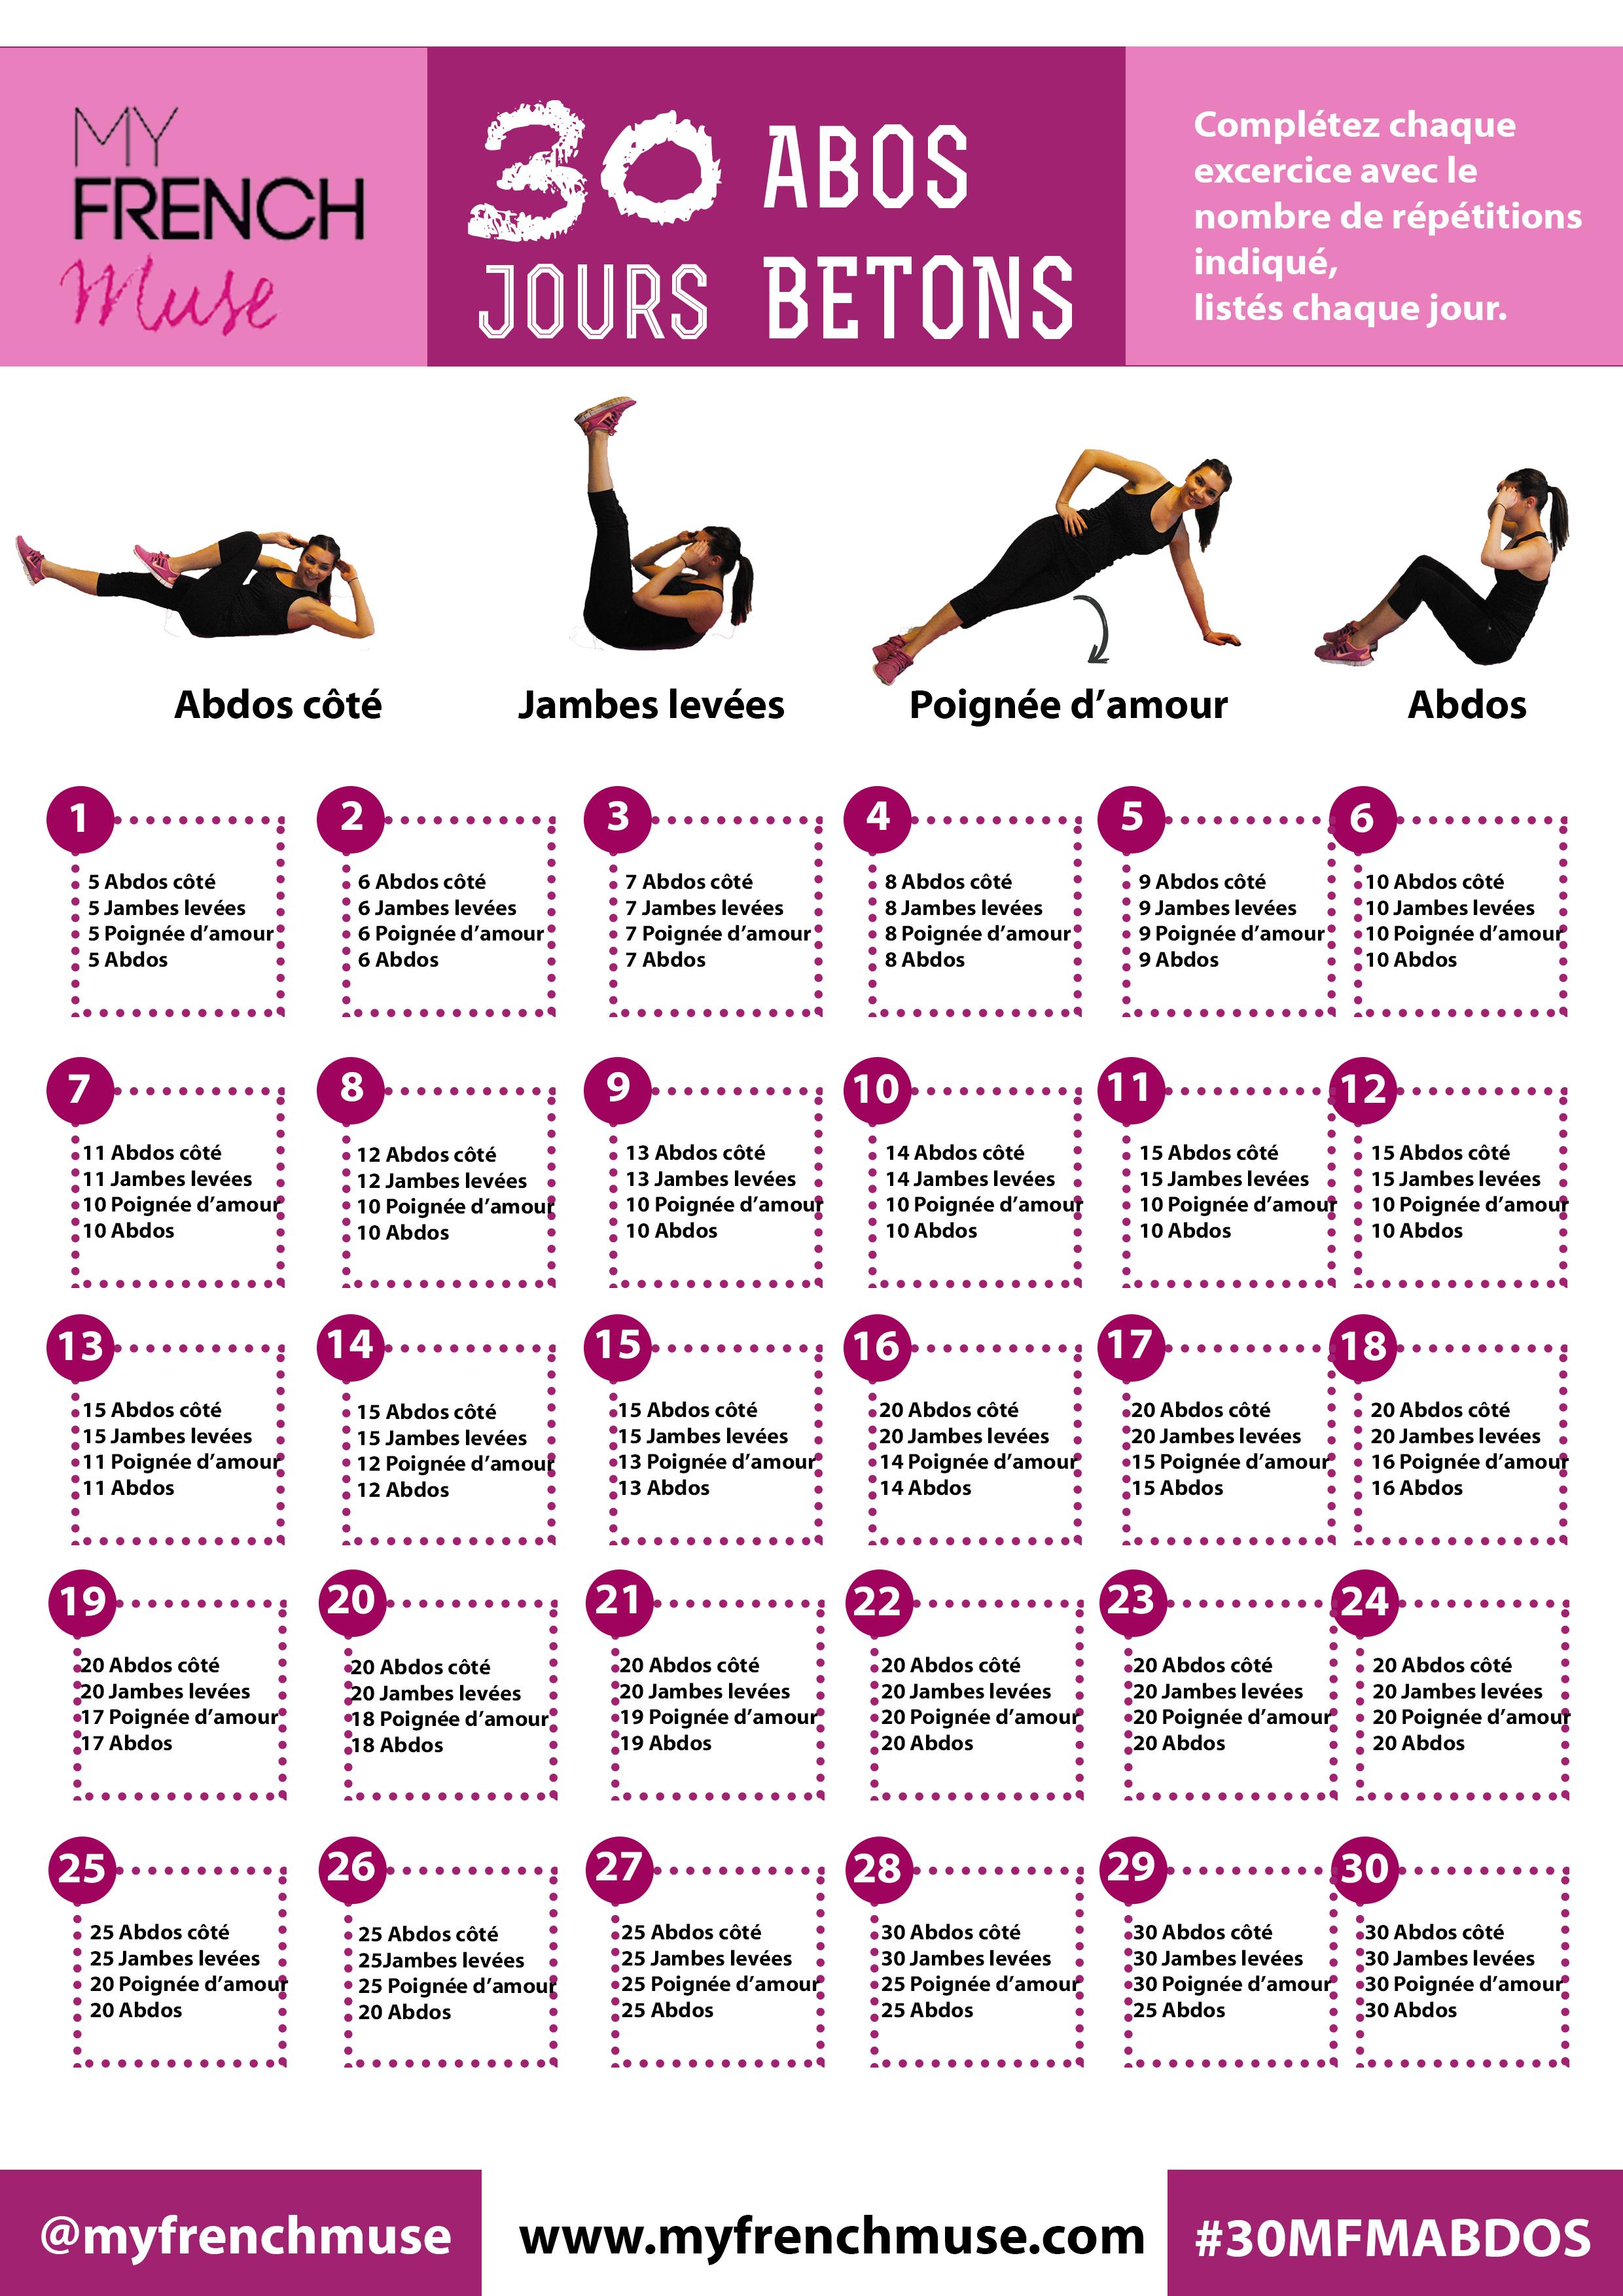 Un programme gratuit de 30 jours avec des exercices ciblés ...